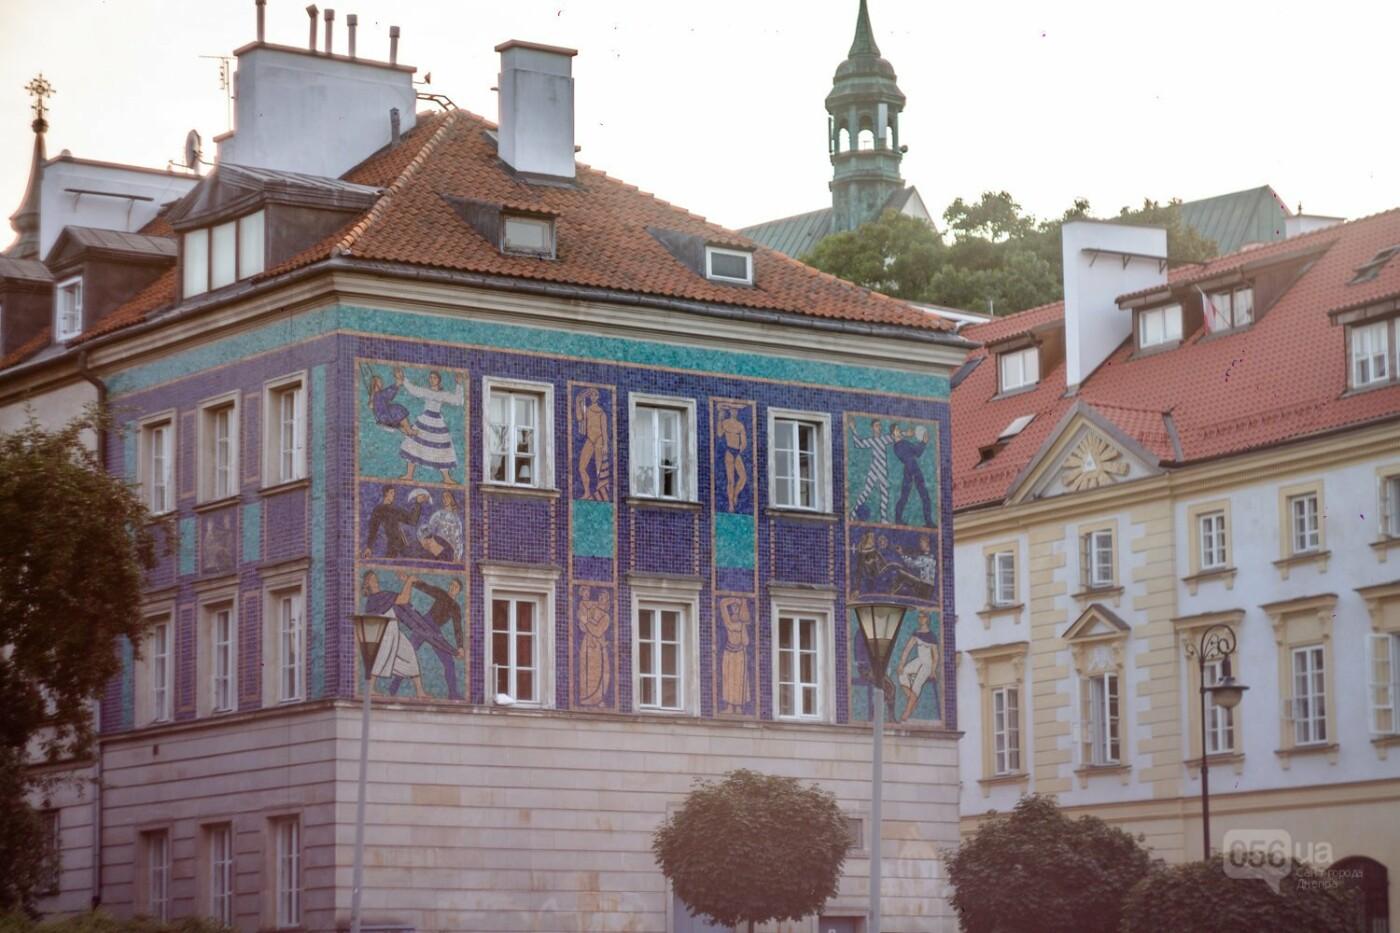 Волшебный Старый город, огромный зоопарк и сад на крыше: где жить, что есть и куда ходить в Варшаве, - ФОТО, фото-9